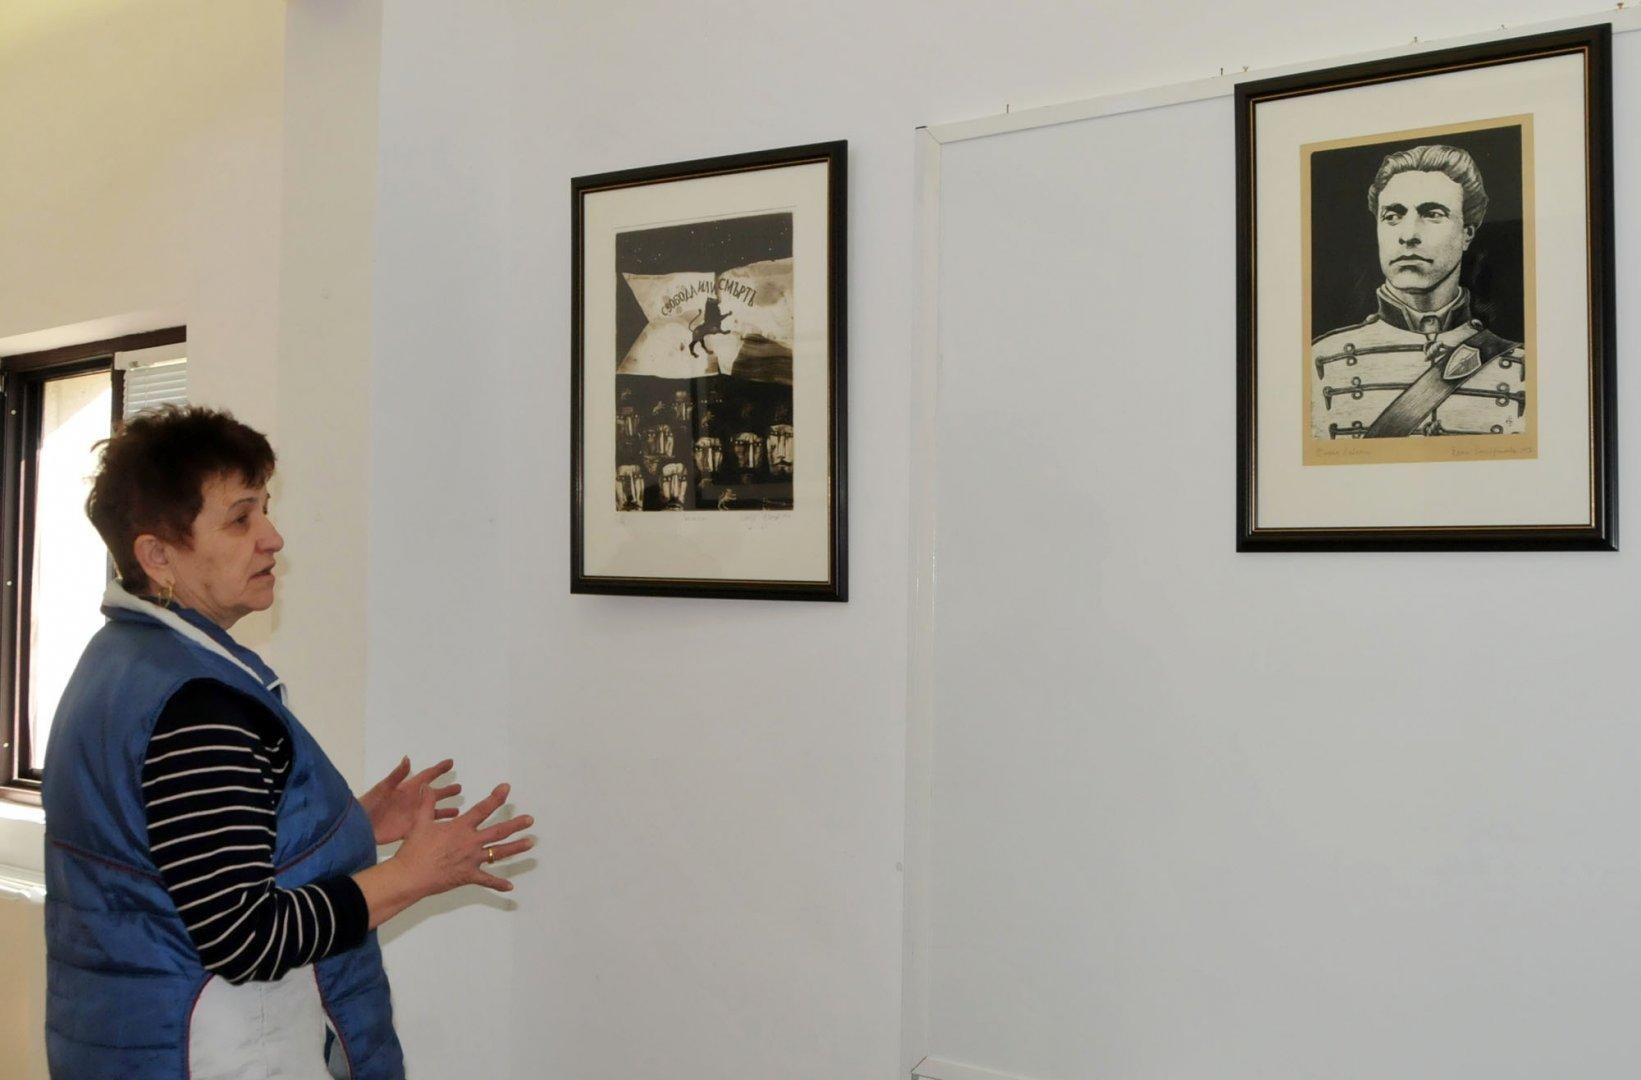 Творби на 5 бургаски автори са включени в изложбата за освобождението. Снимка Лина Главинова